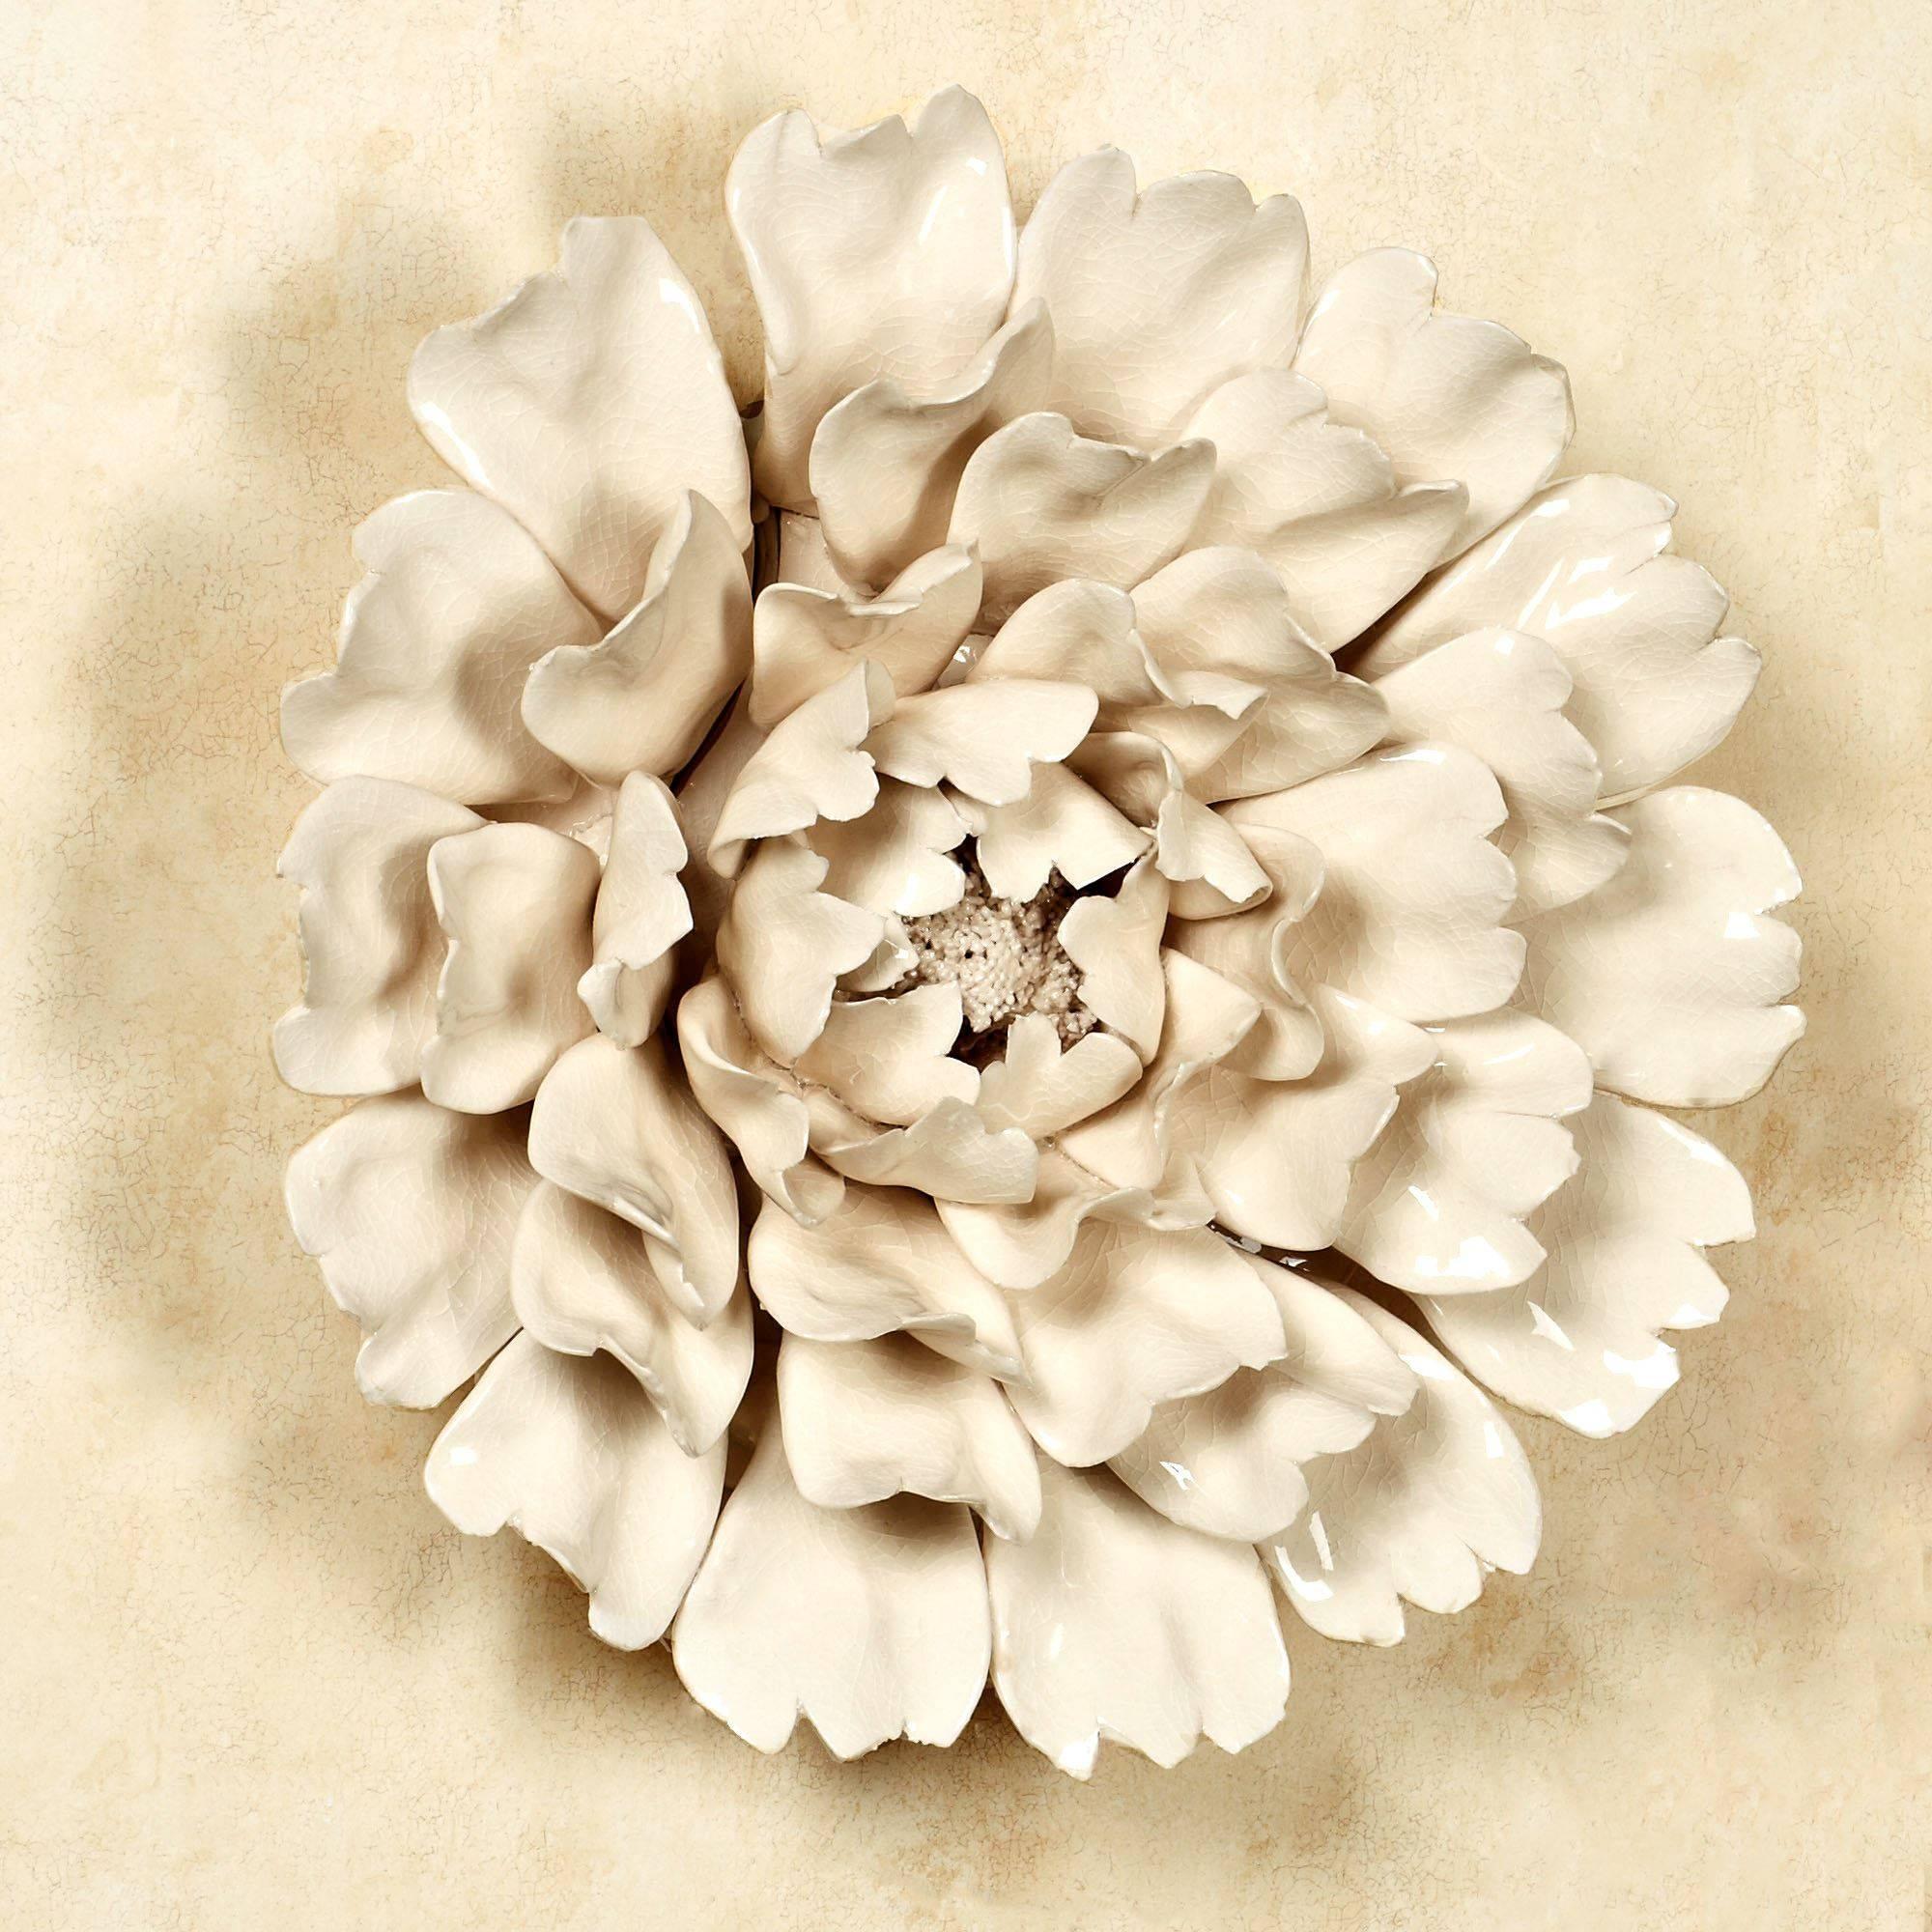 Isabella Ceramic Flower Blossom Wall Art Intended For Latest Ceramic Flower Wall Art (Gallery 3 of 30)